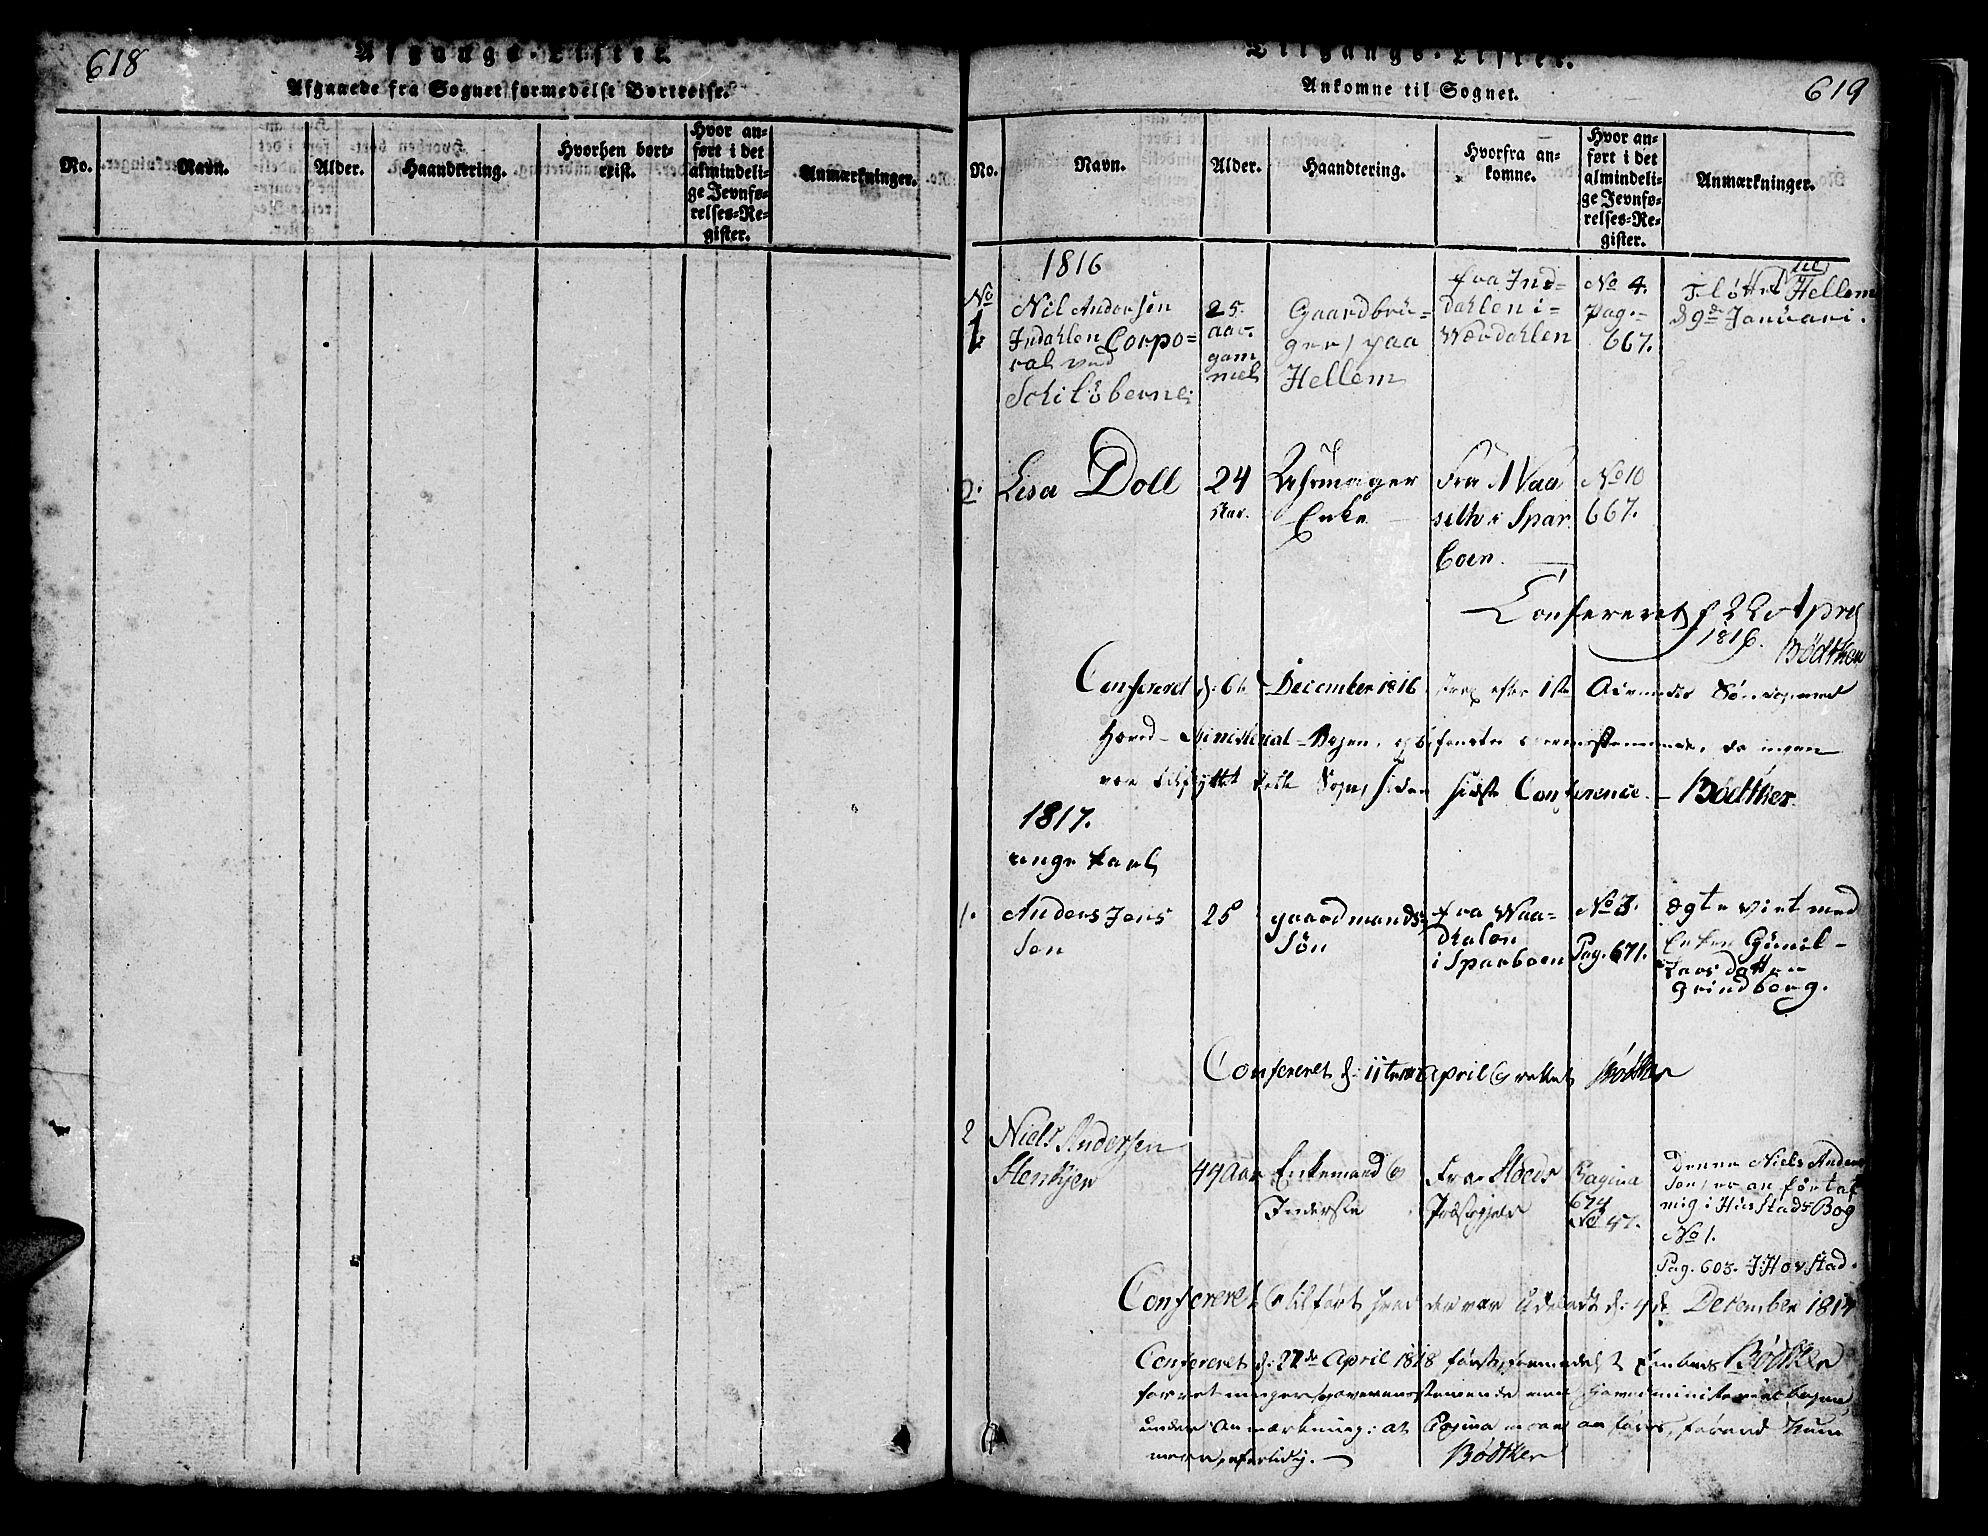 SAT, Ministerialprotokoller, klokkerbøker og fødselsregistre - Nord-Trøndelag, 731/L0310: Parish register (copy) no. 731C01, 1816-1874, p. 618-619